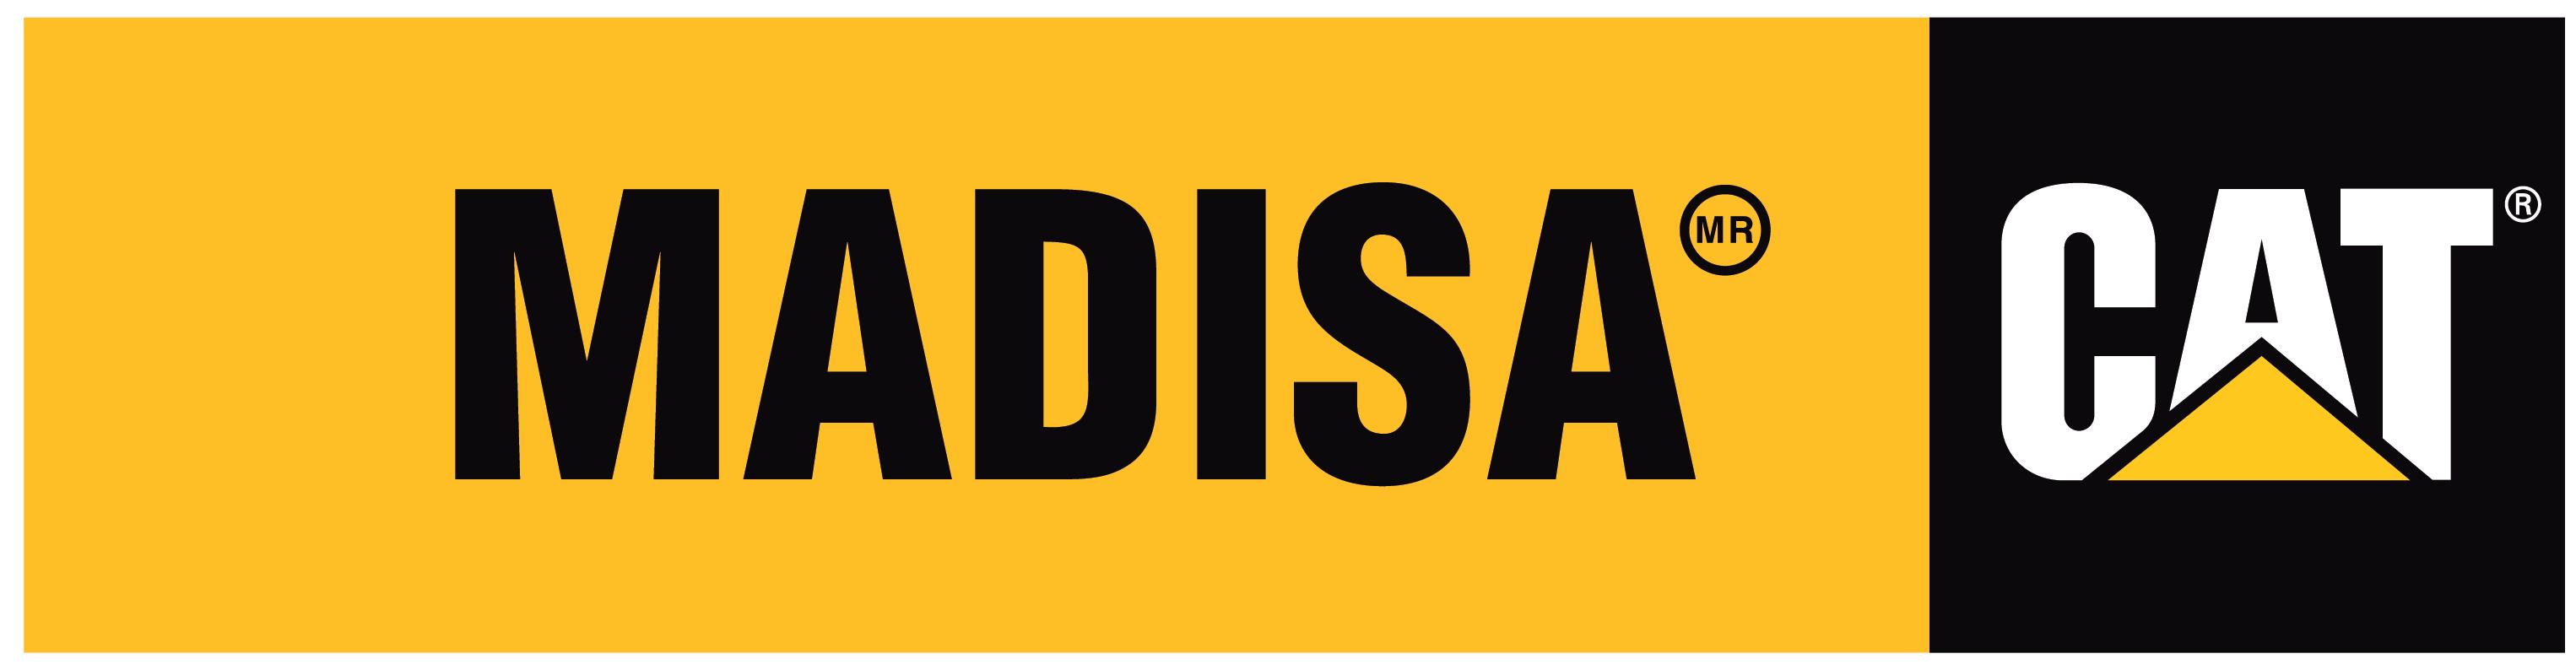 MADISA-logo-vector.png